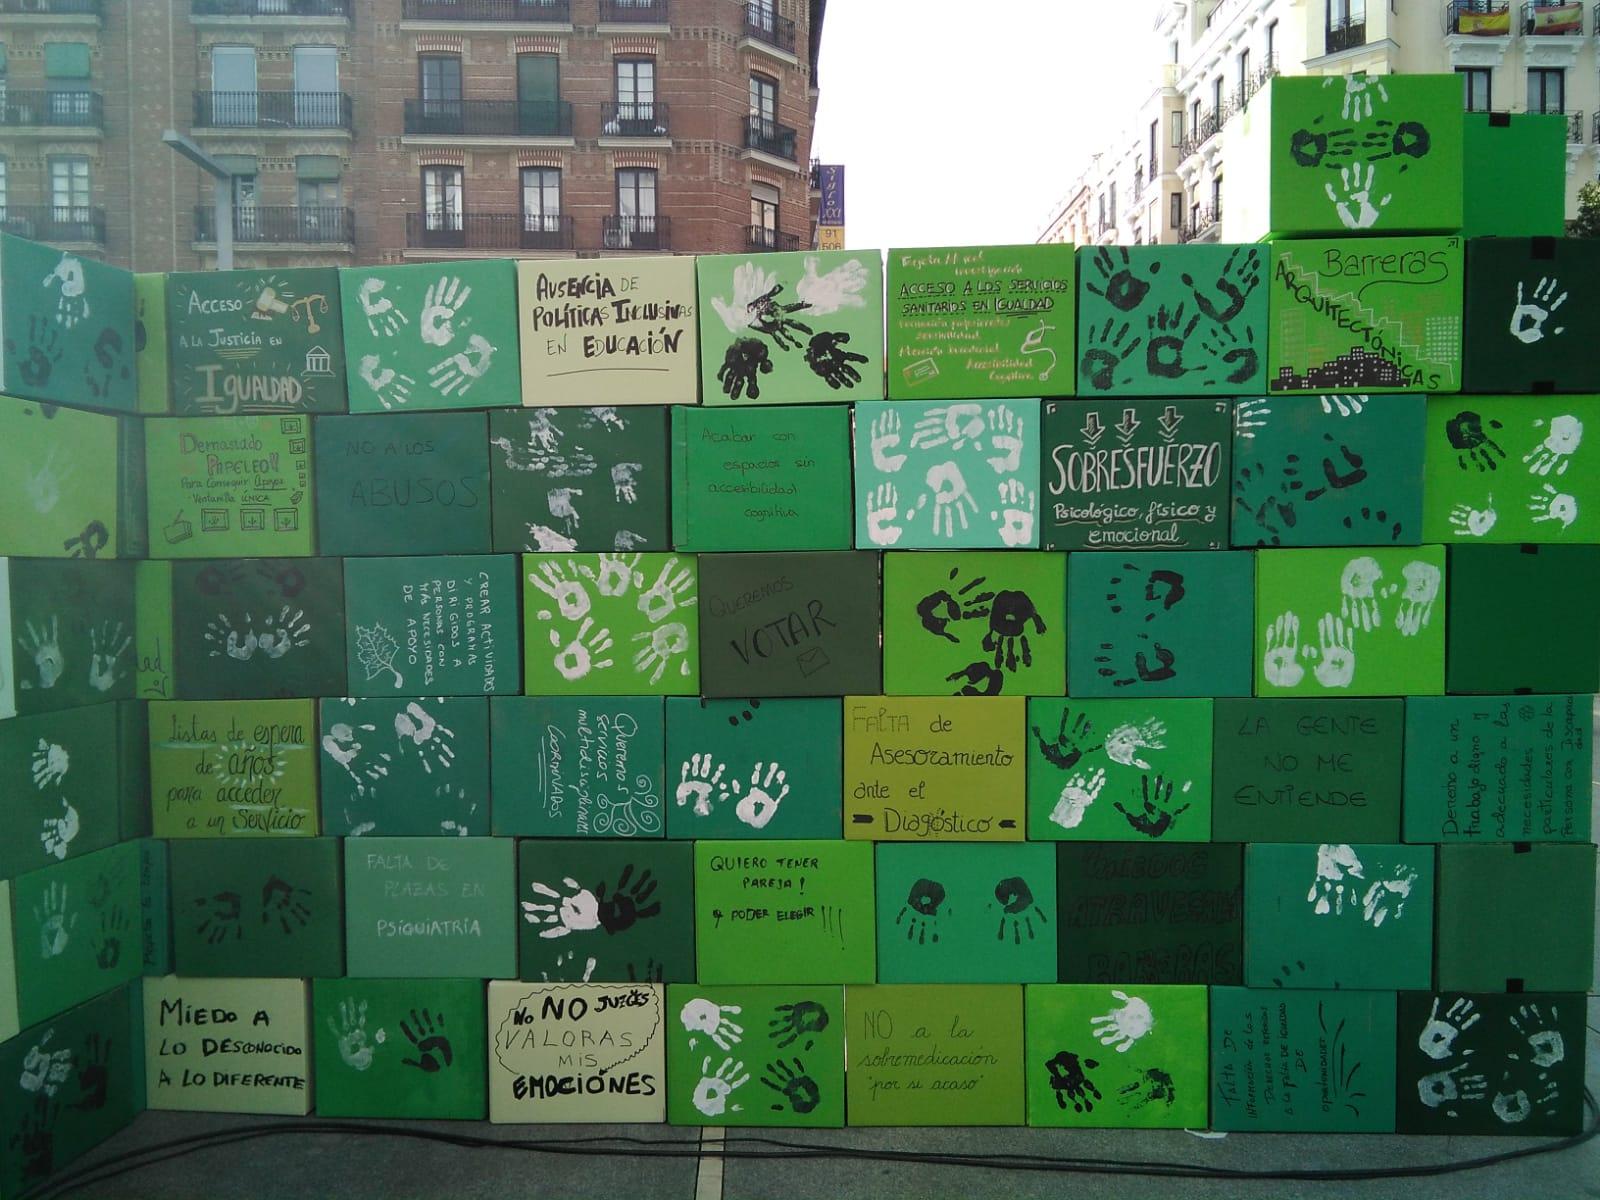 cajas con frases impresas que verbalizan las barreras que sufren las personas con discapacidad y sus familiares